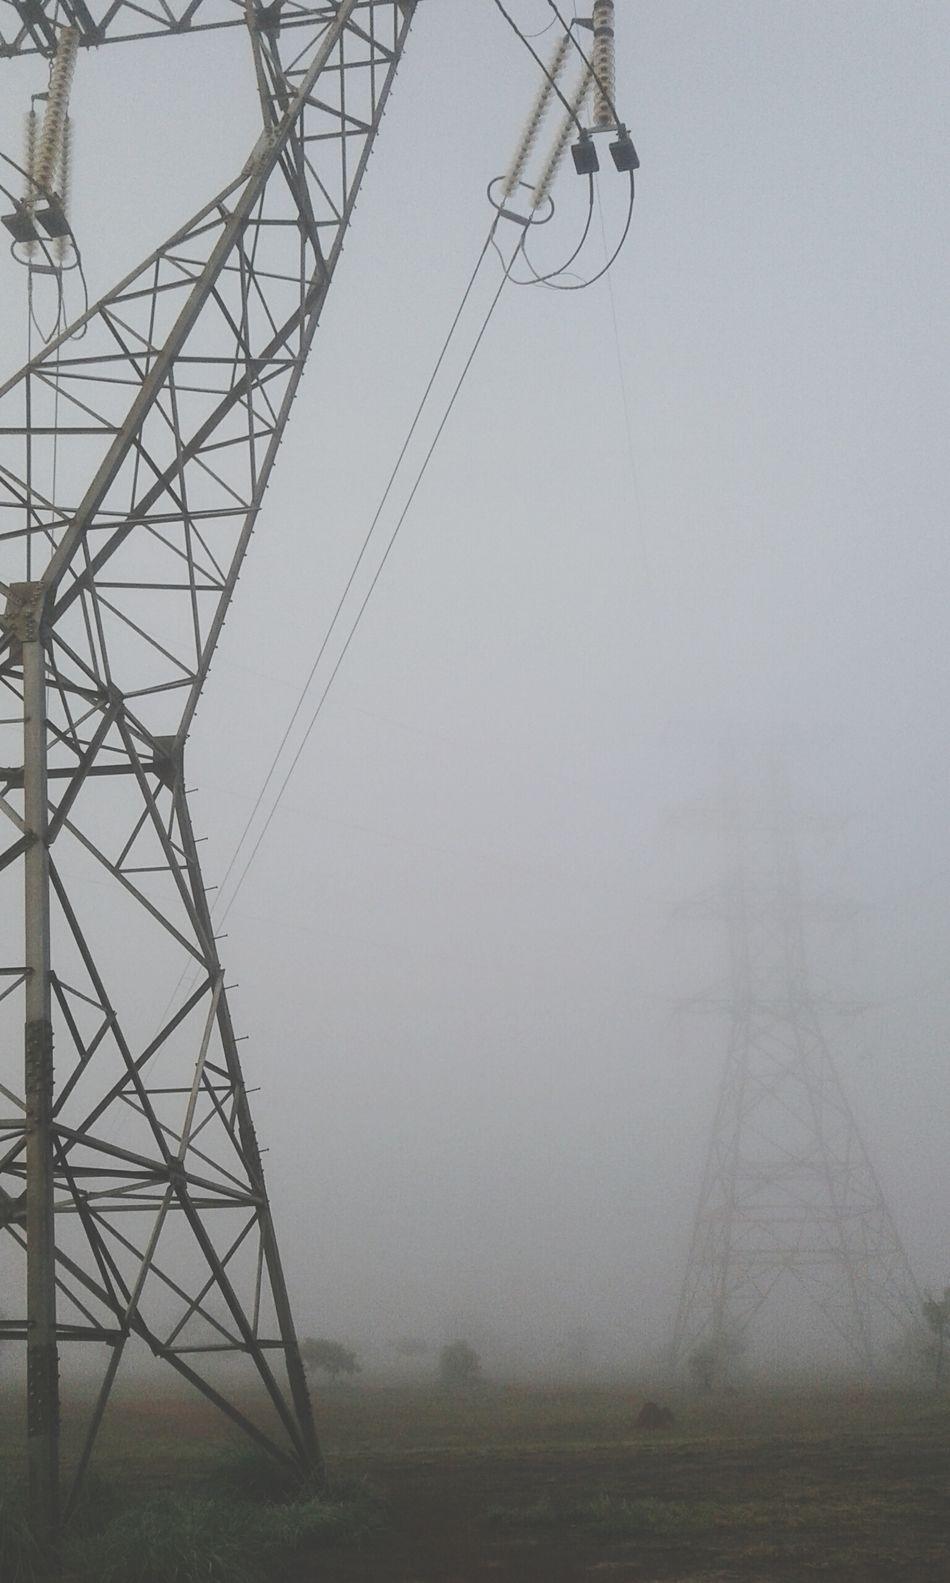 Mist Myst Neblina Névoa Torre De Energia Electricity Tower